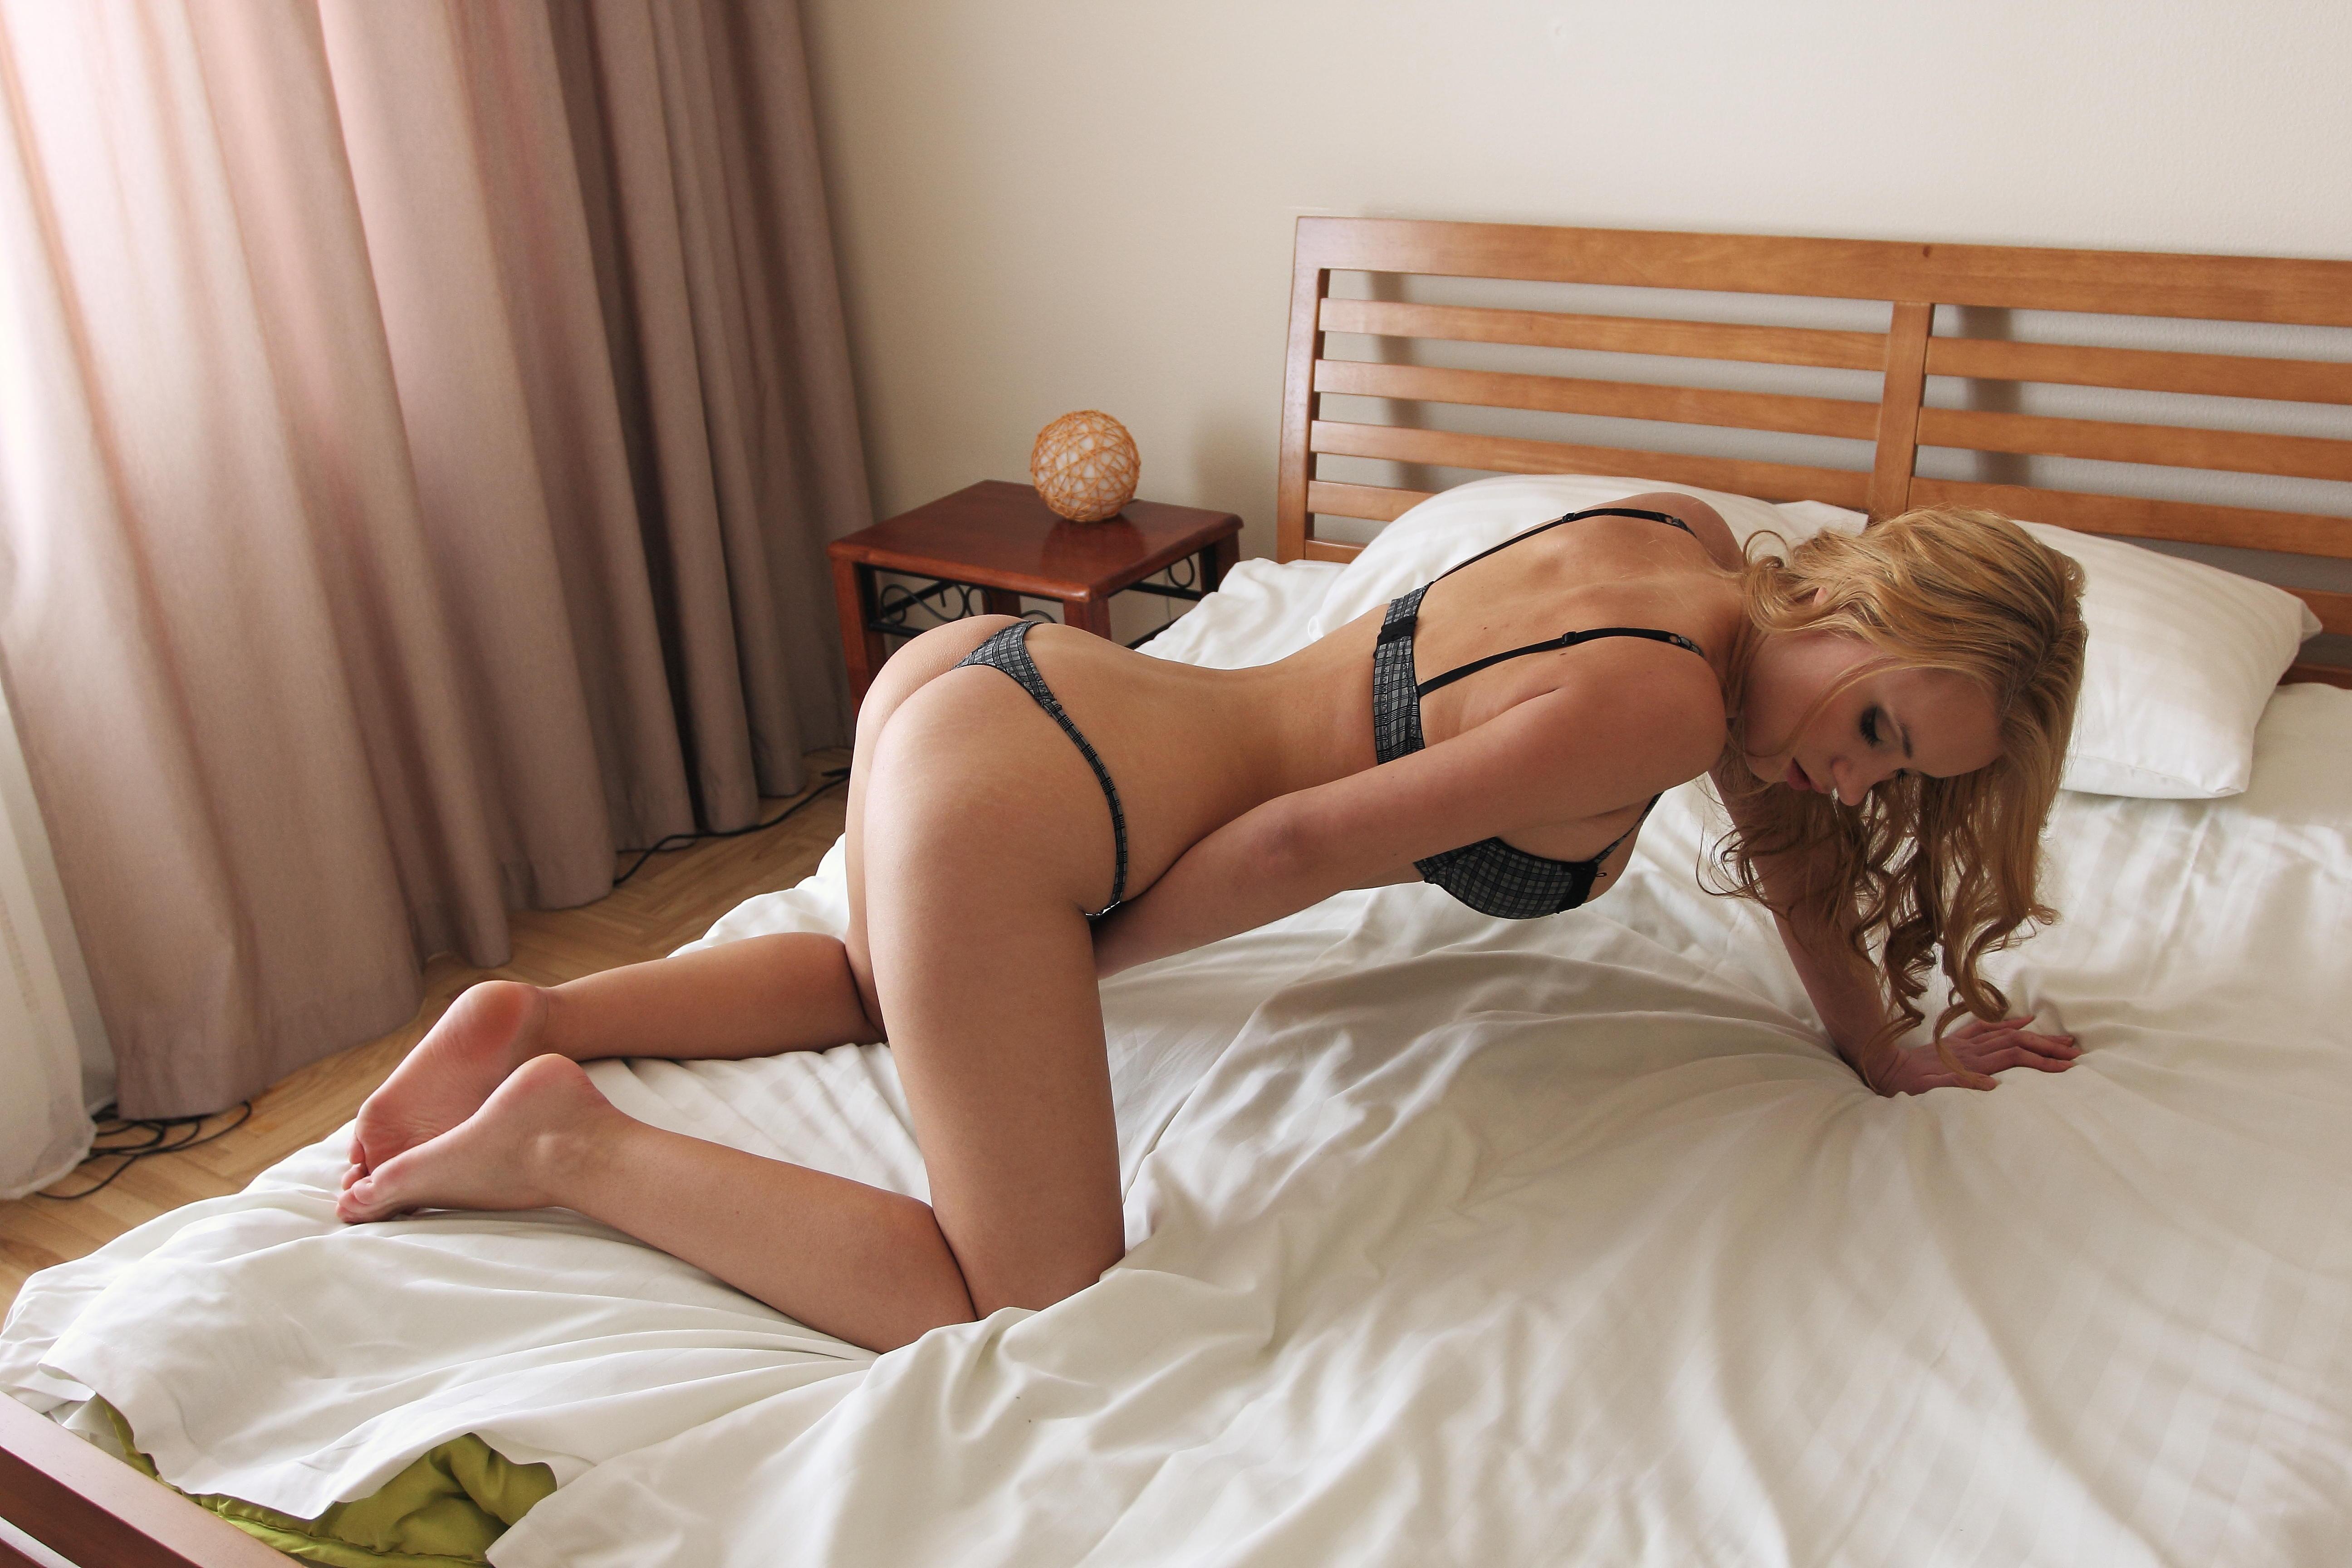 Смотреть самая возбуждающая девушки, гиг порно возбужденная видео смотреть HD порно 12 фотография